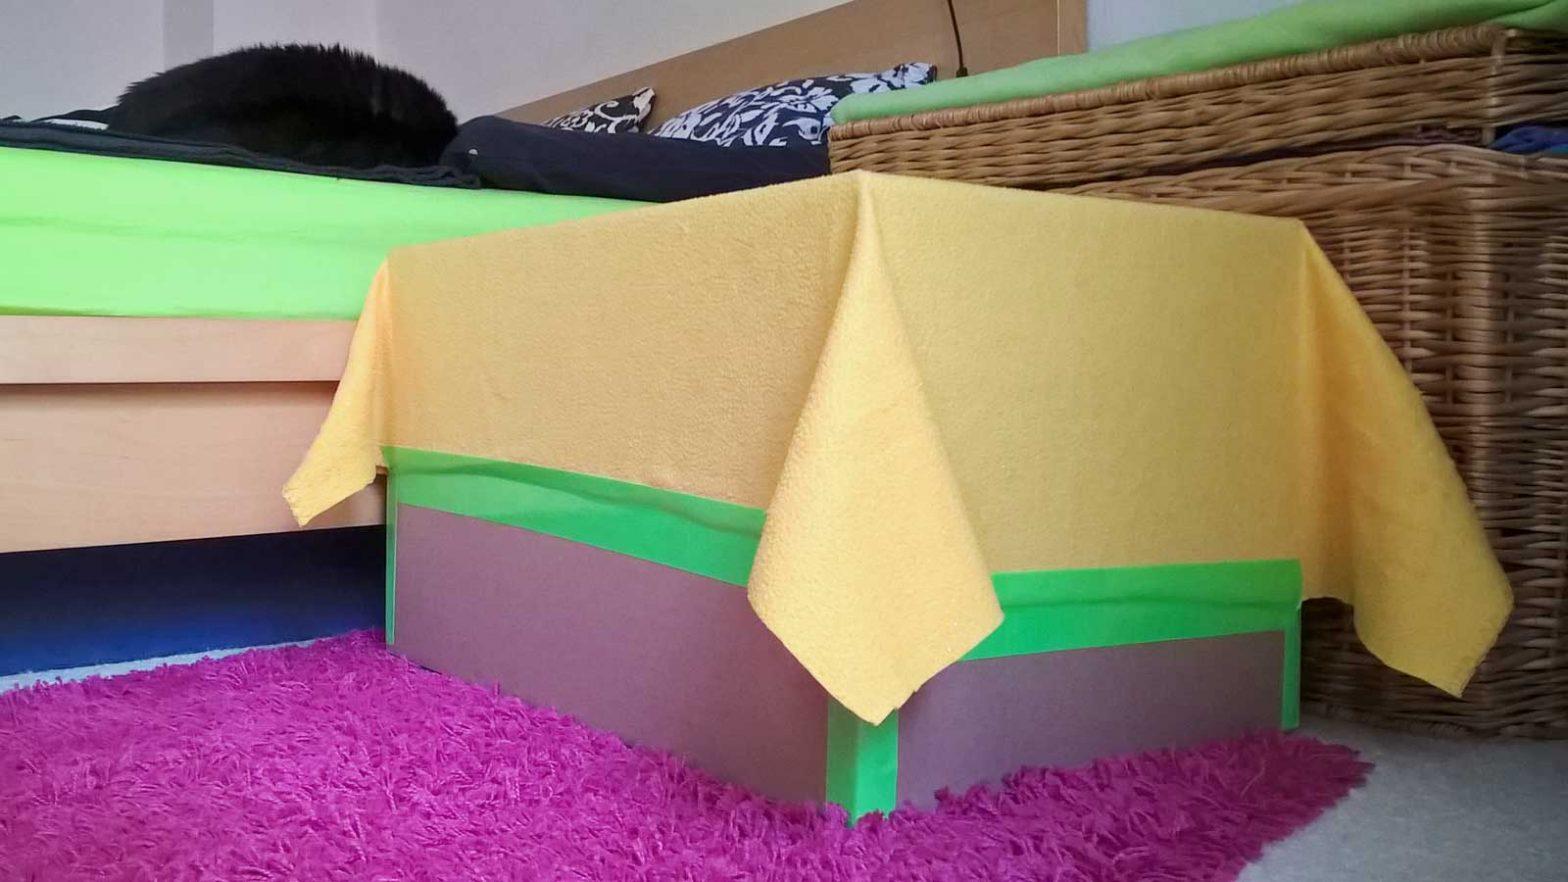 Trampolin aus Karton für Katze Luzi